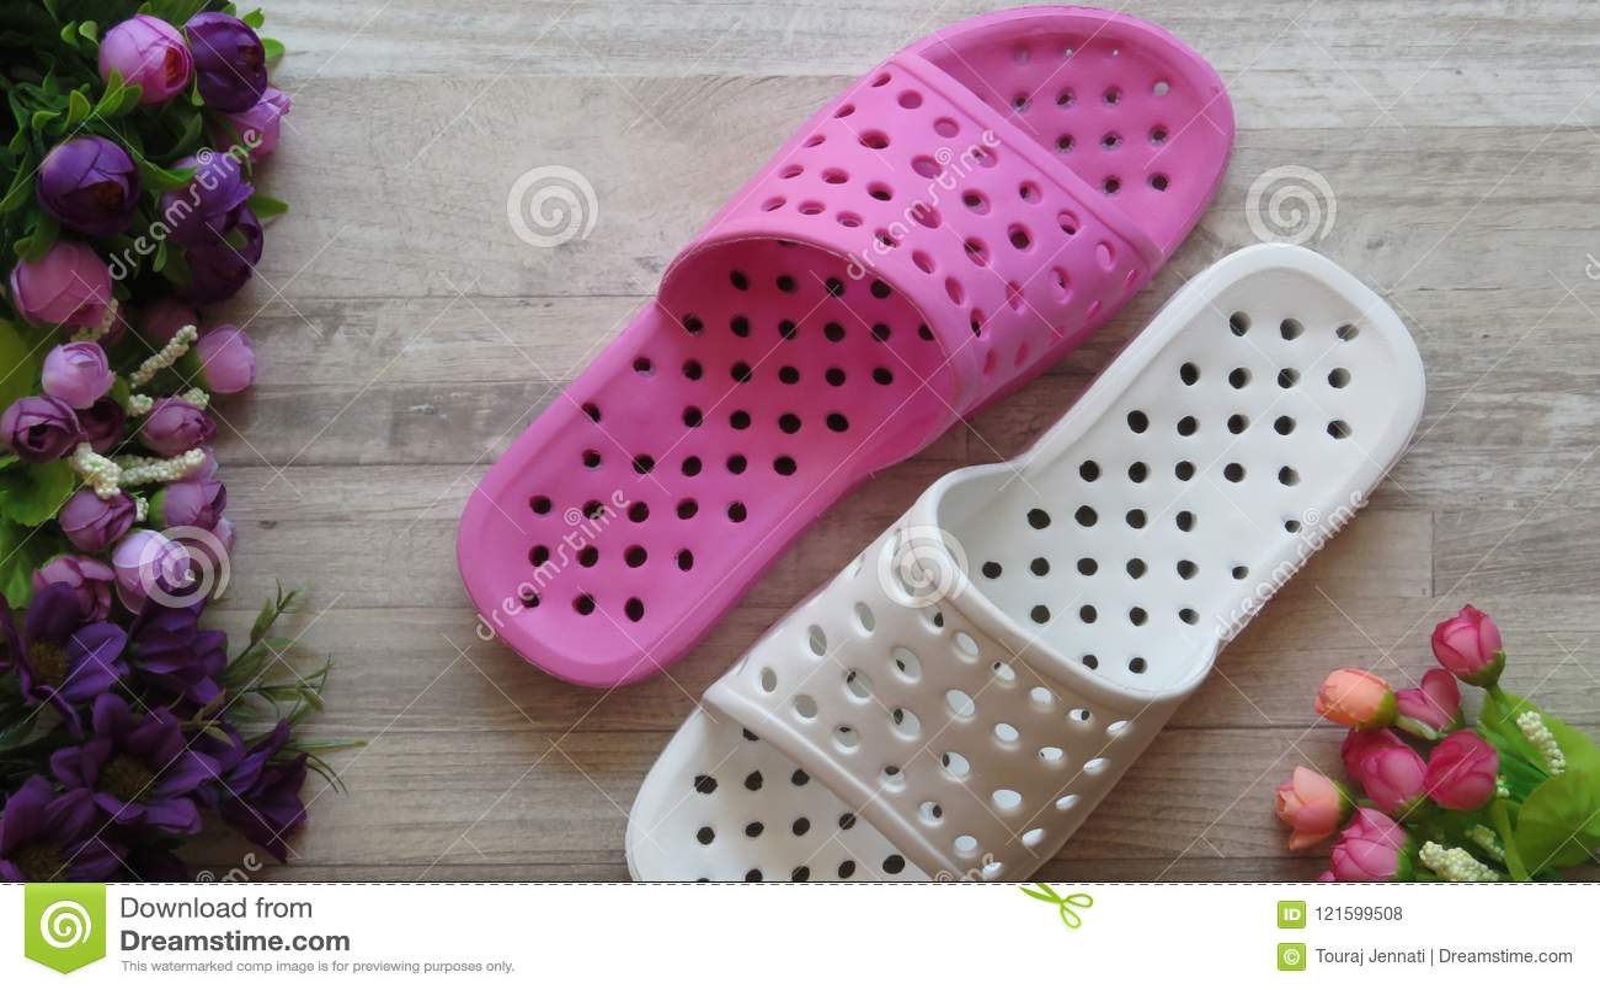 Sandálias do chuveiro branco e cor-de-rosa/que secam rapidamente deslizadores e flores do banho